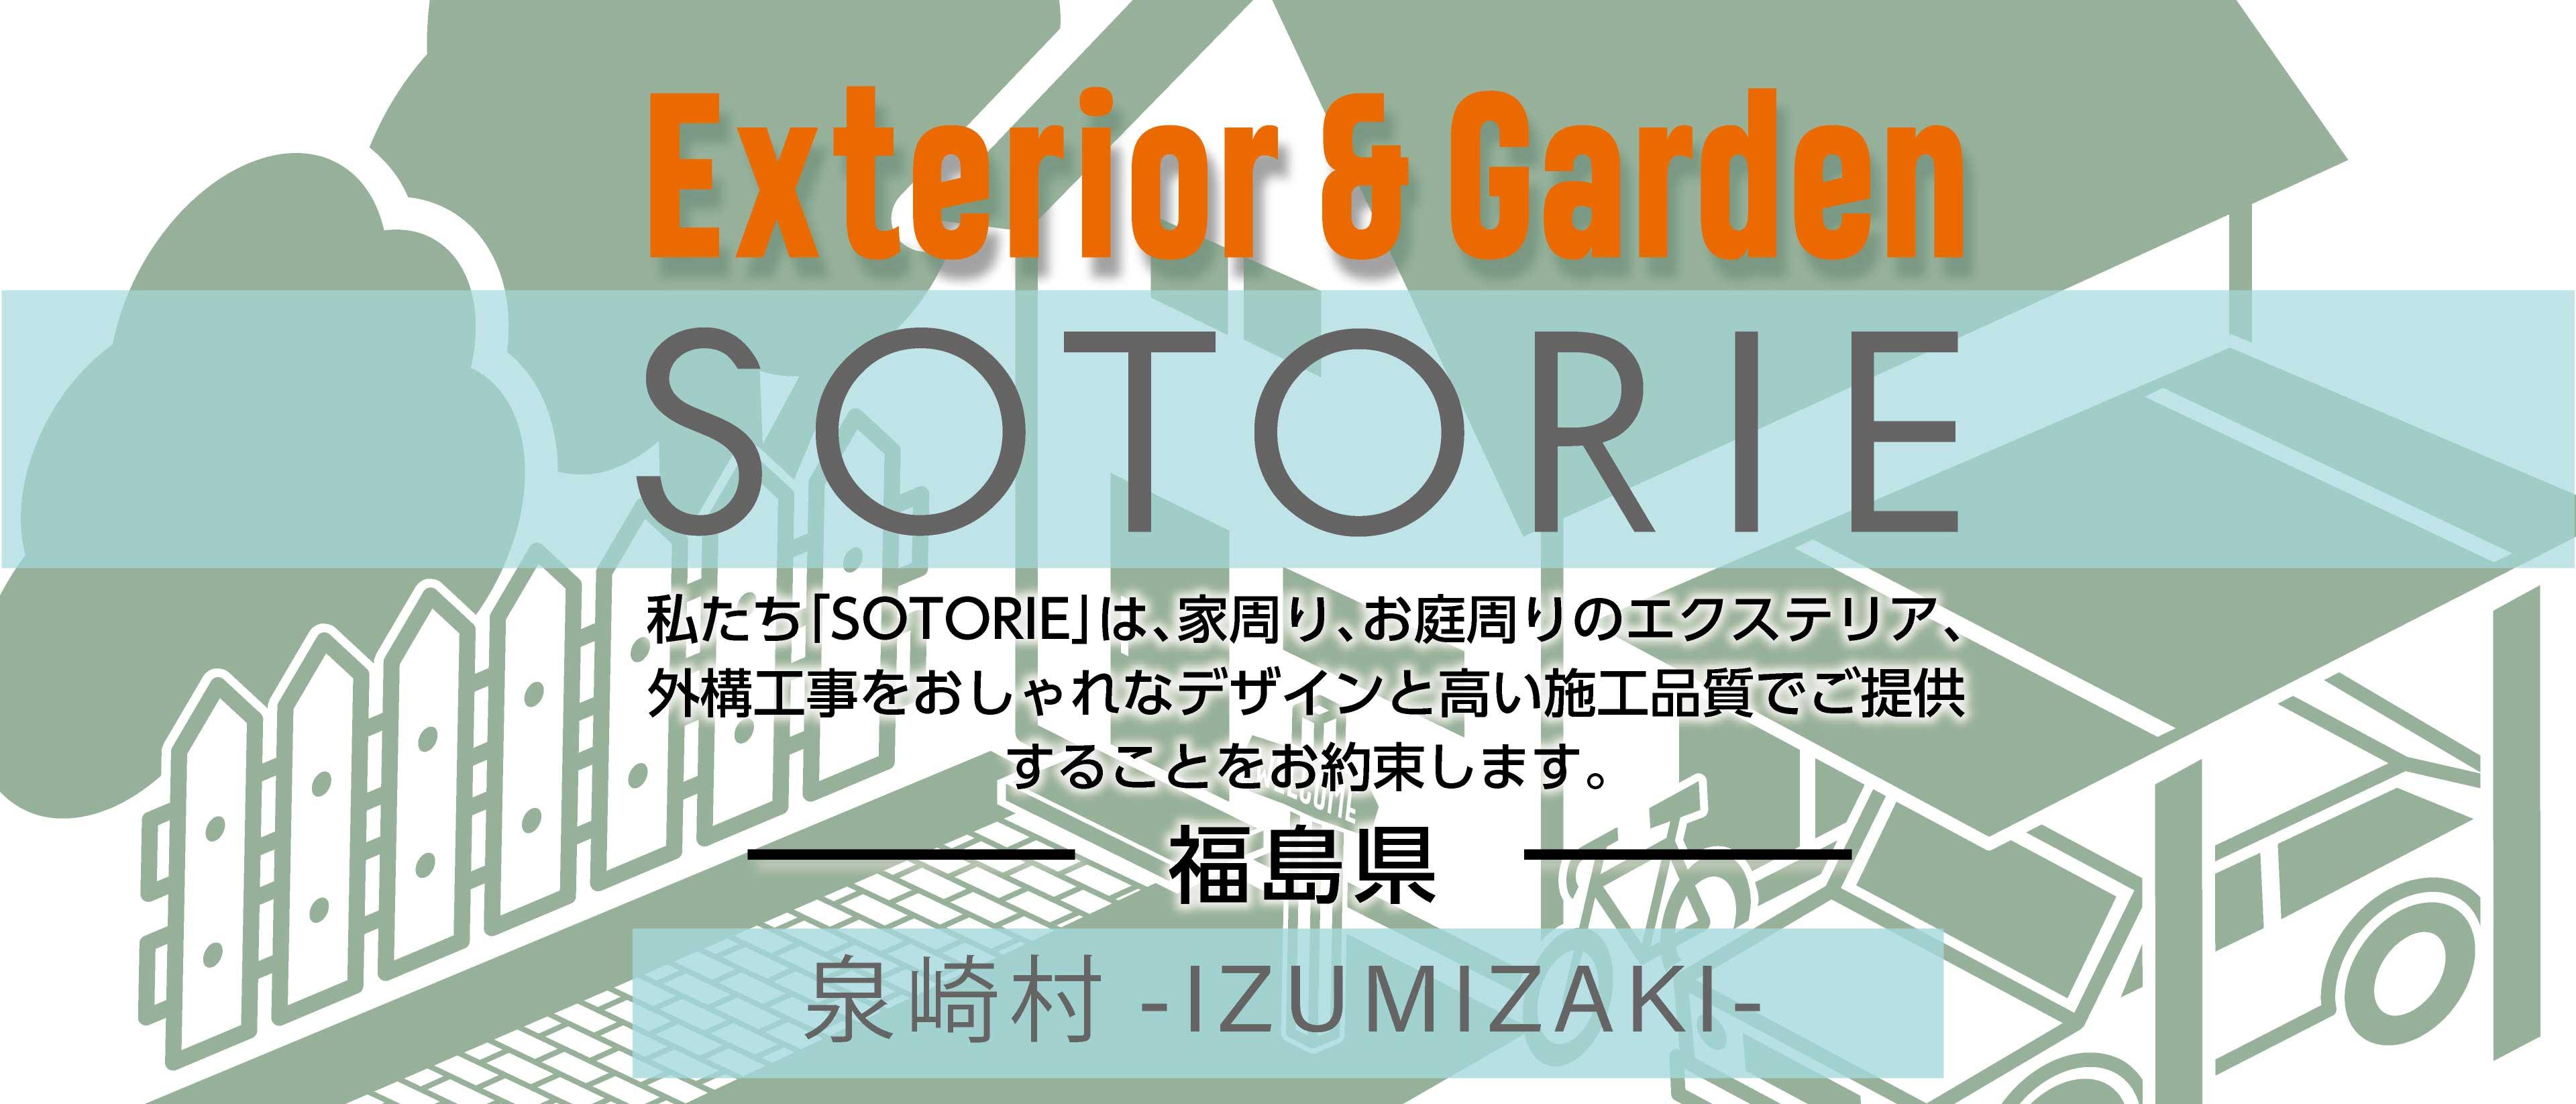 ソトリエ泉崎村では、家周りと庭周りの外構、エクステリア工事をおしゃれなデザインと高い施工品質でご提供することをお約束します。